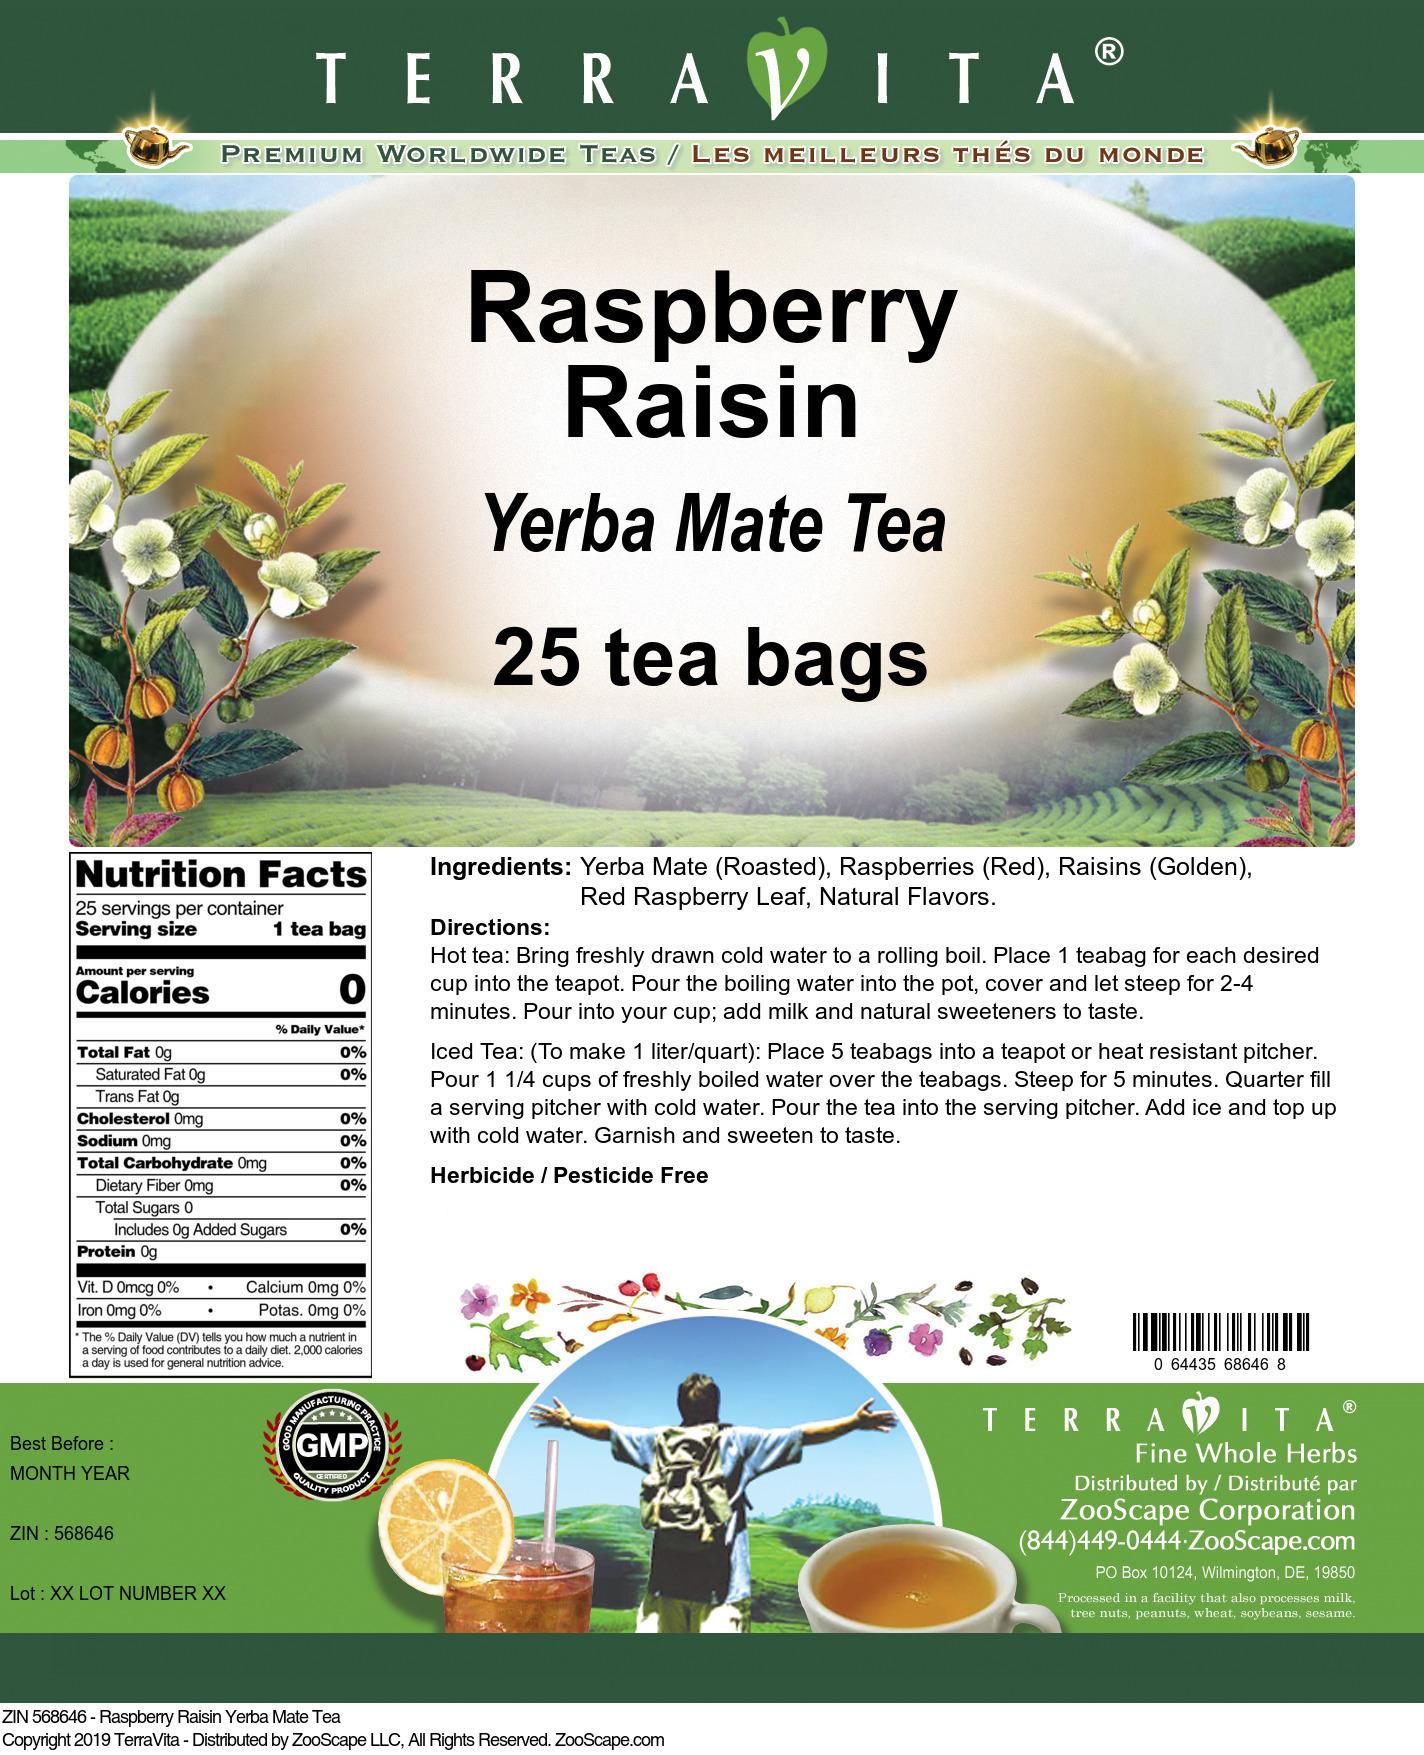 Raspberry Raisin Yerba Mate